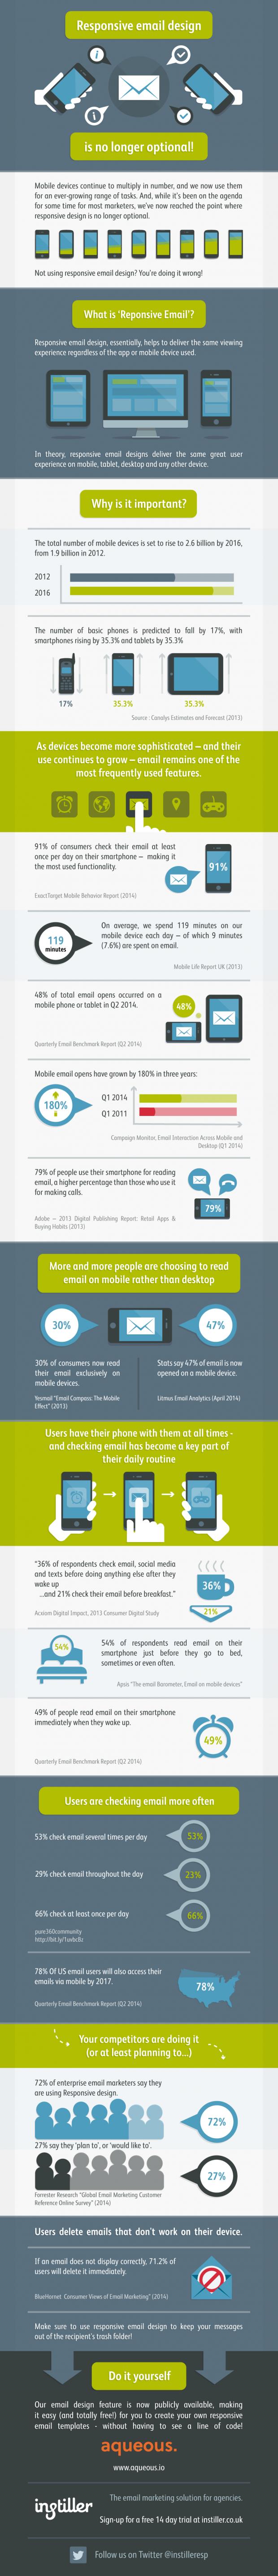 Instiller-Why-Responsive-E-mail-is-No-Longer-Optional-V5